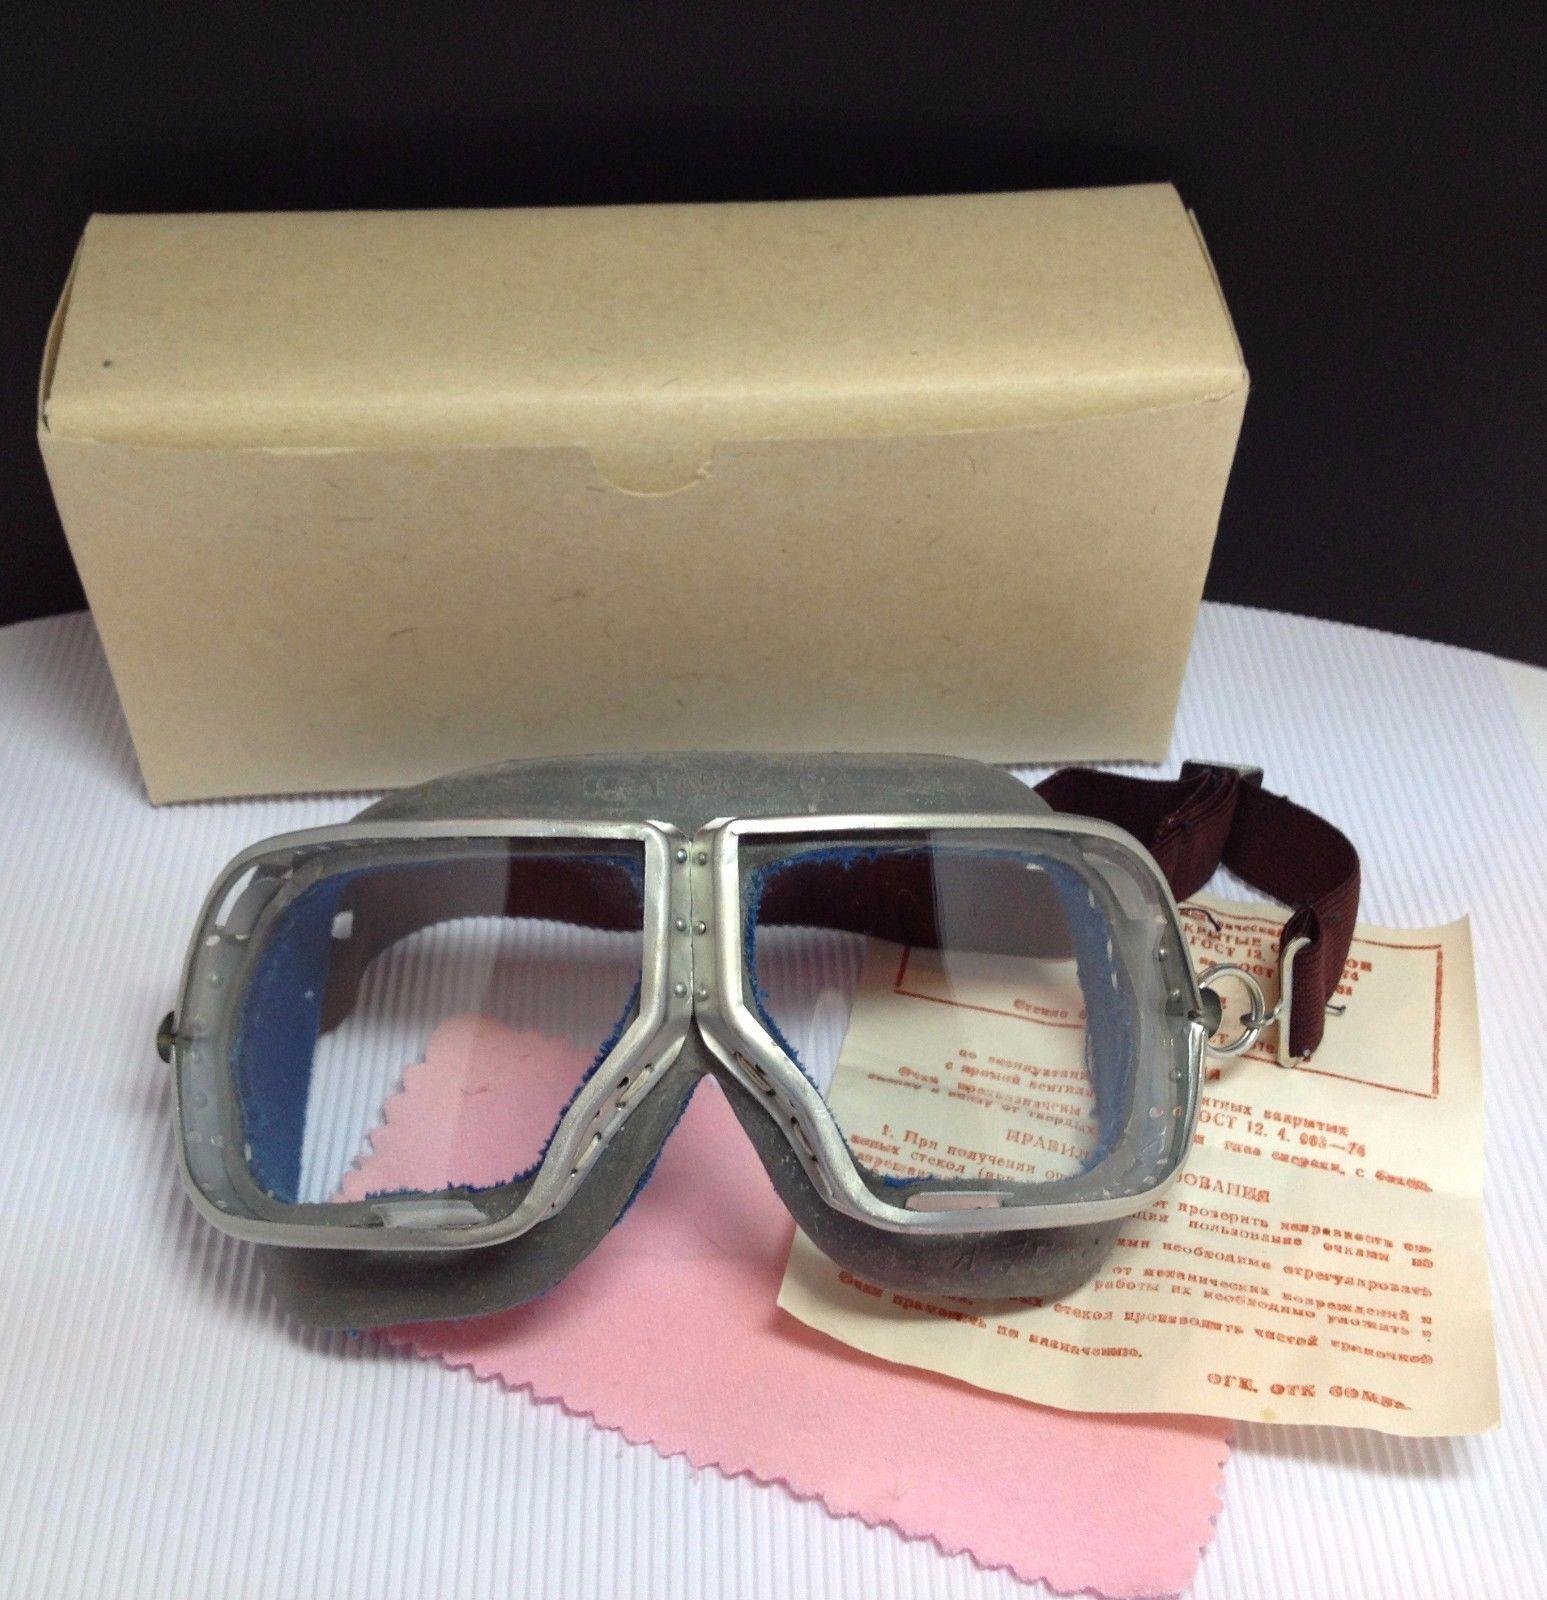 Купить glasses на ebay в новомосковск посмотреть держатель телефона фантом